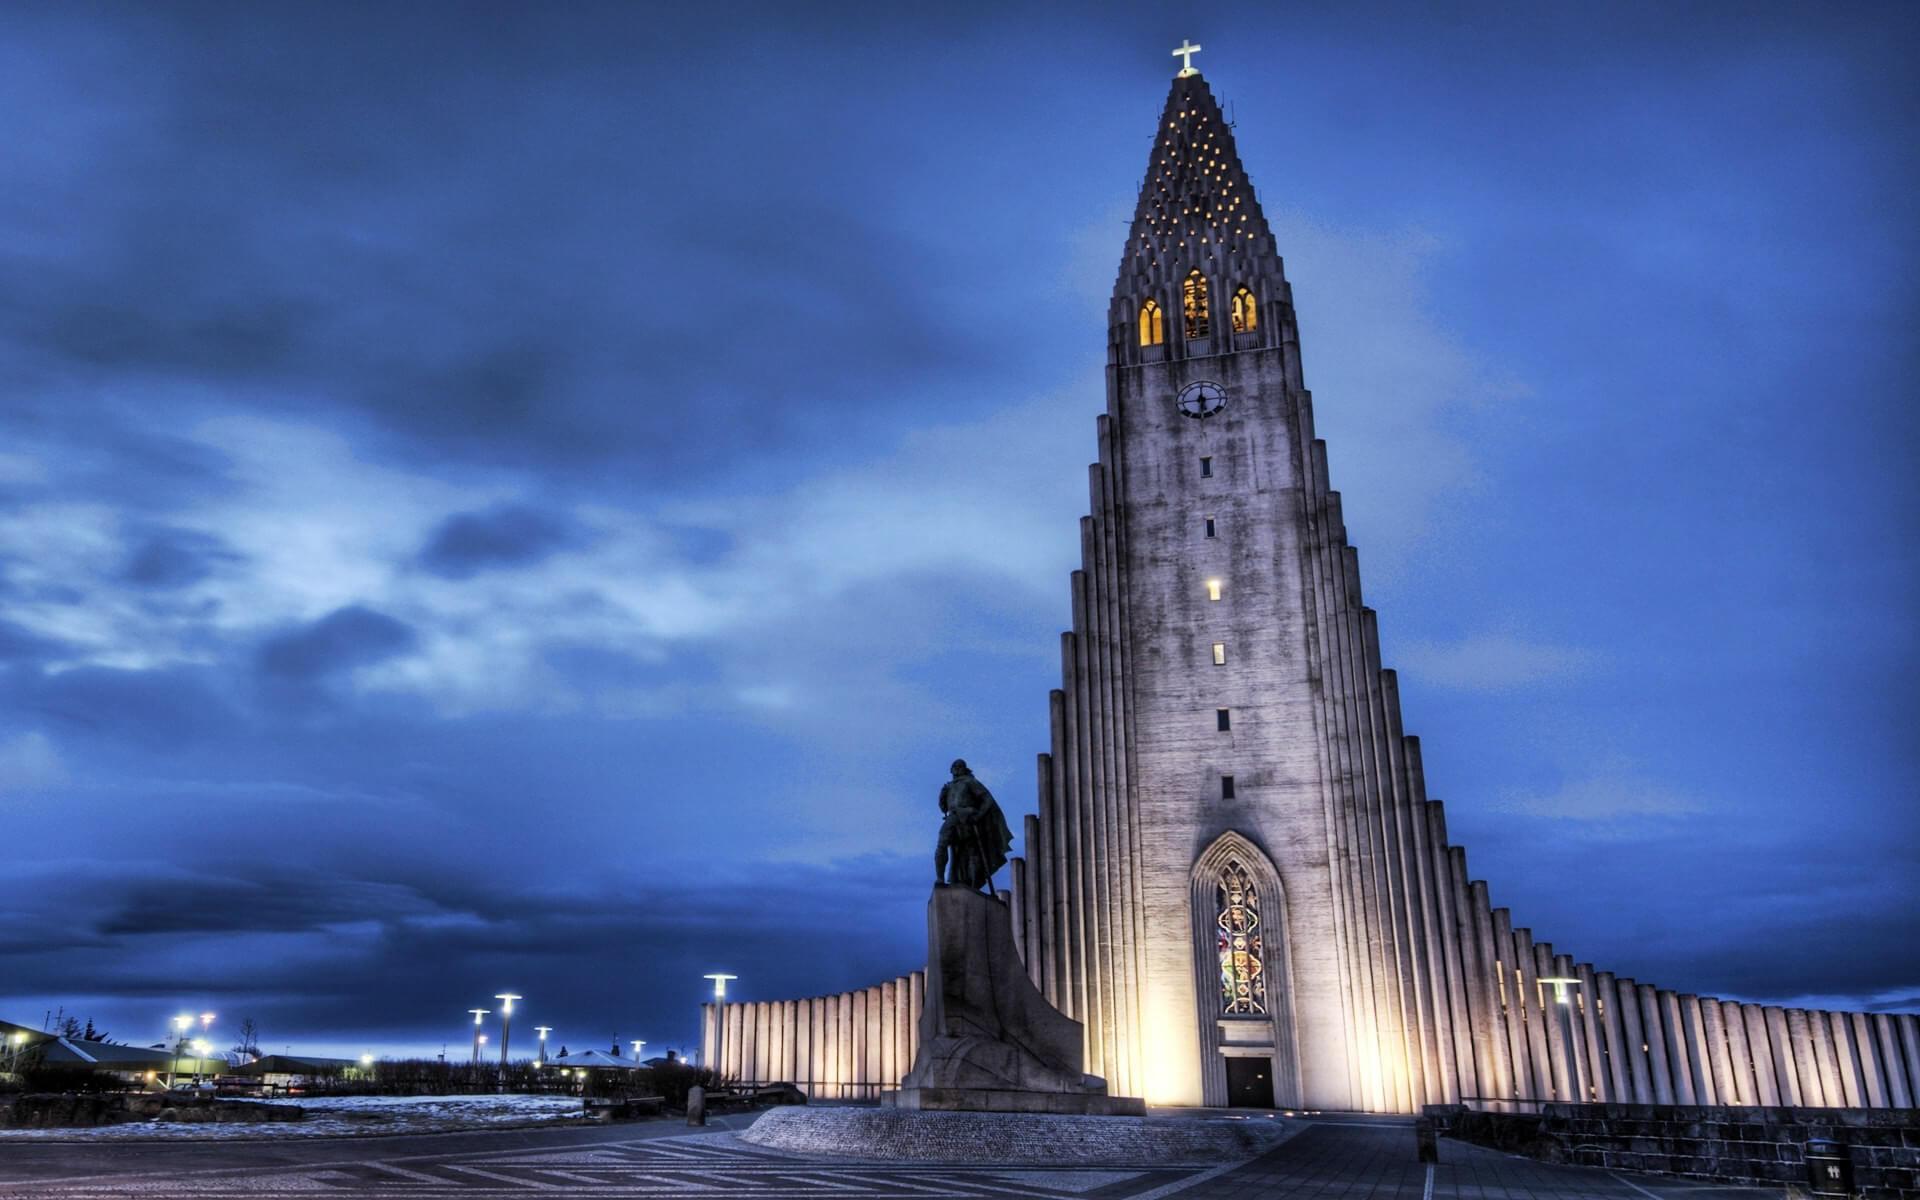 a_hallgrimskirkja_templom_reykjavikban_5.jpg